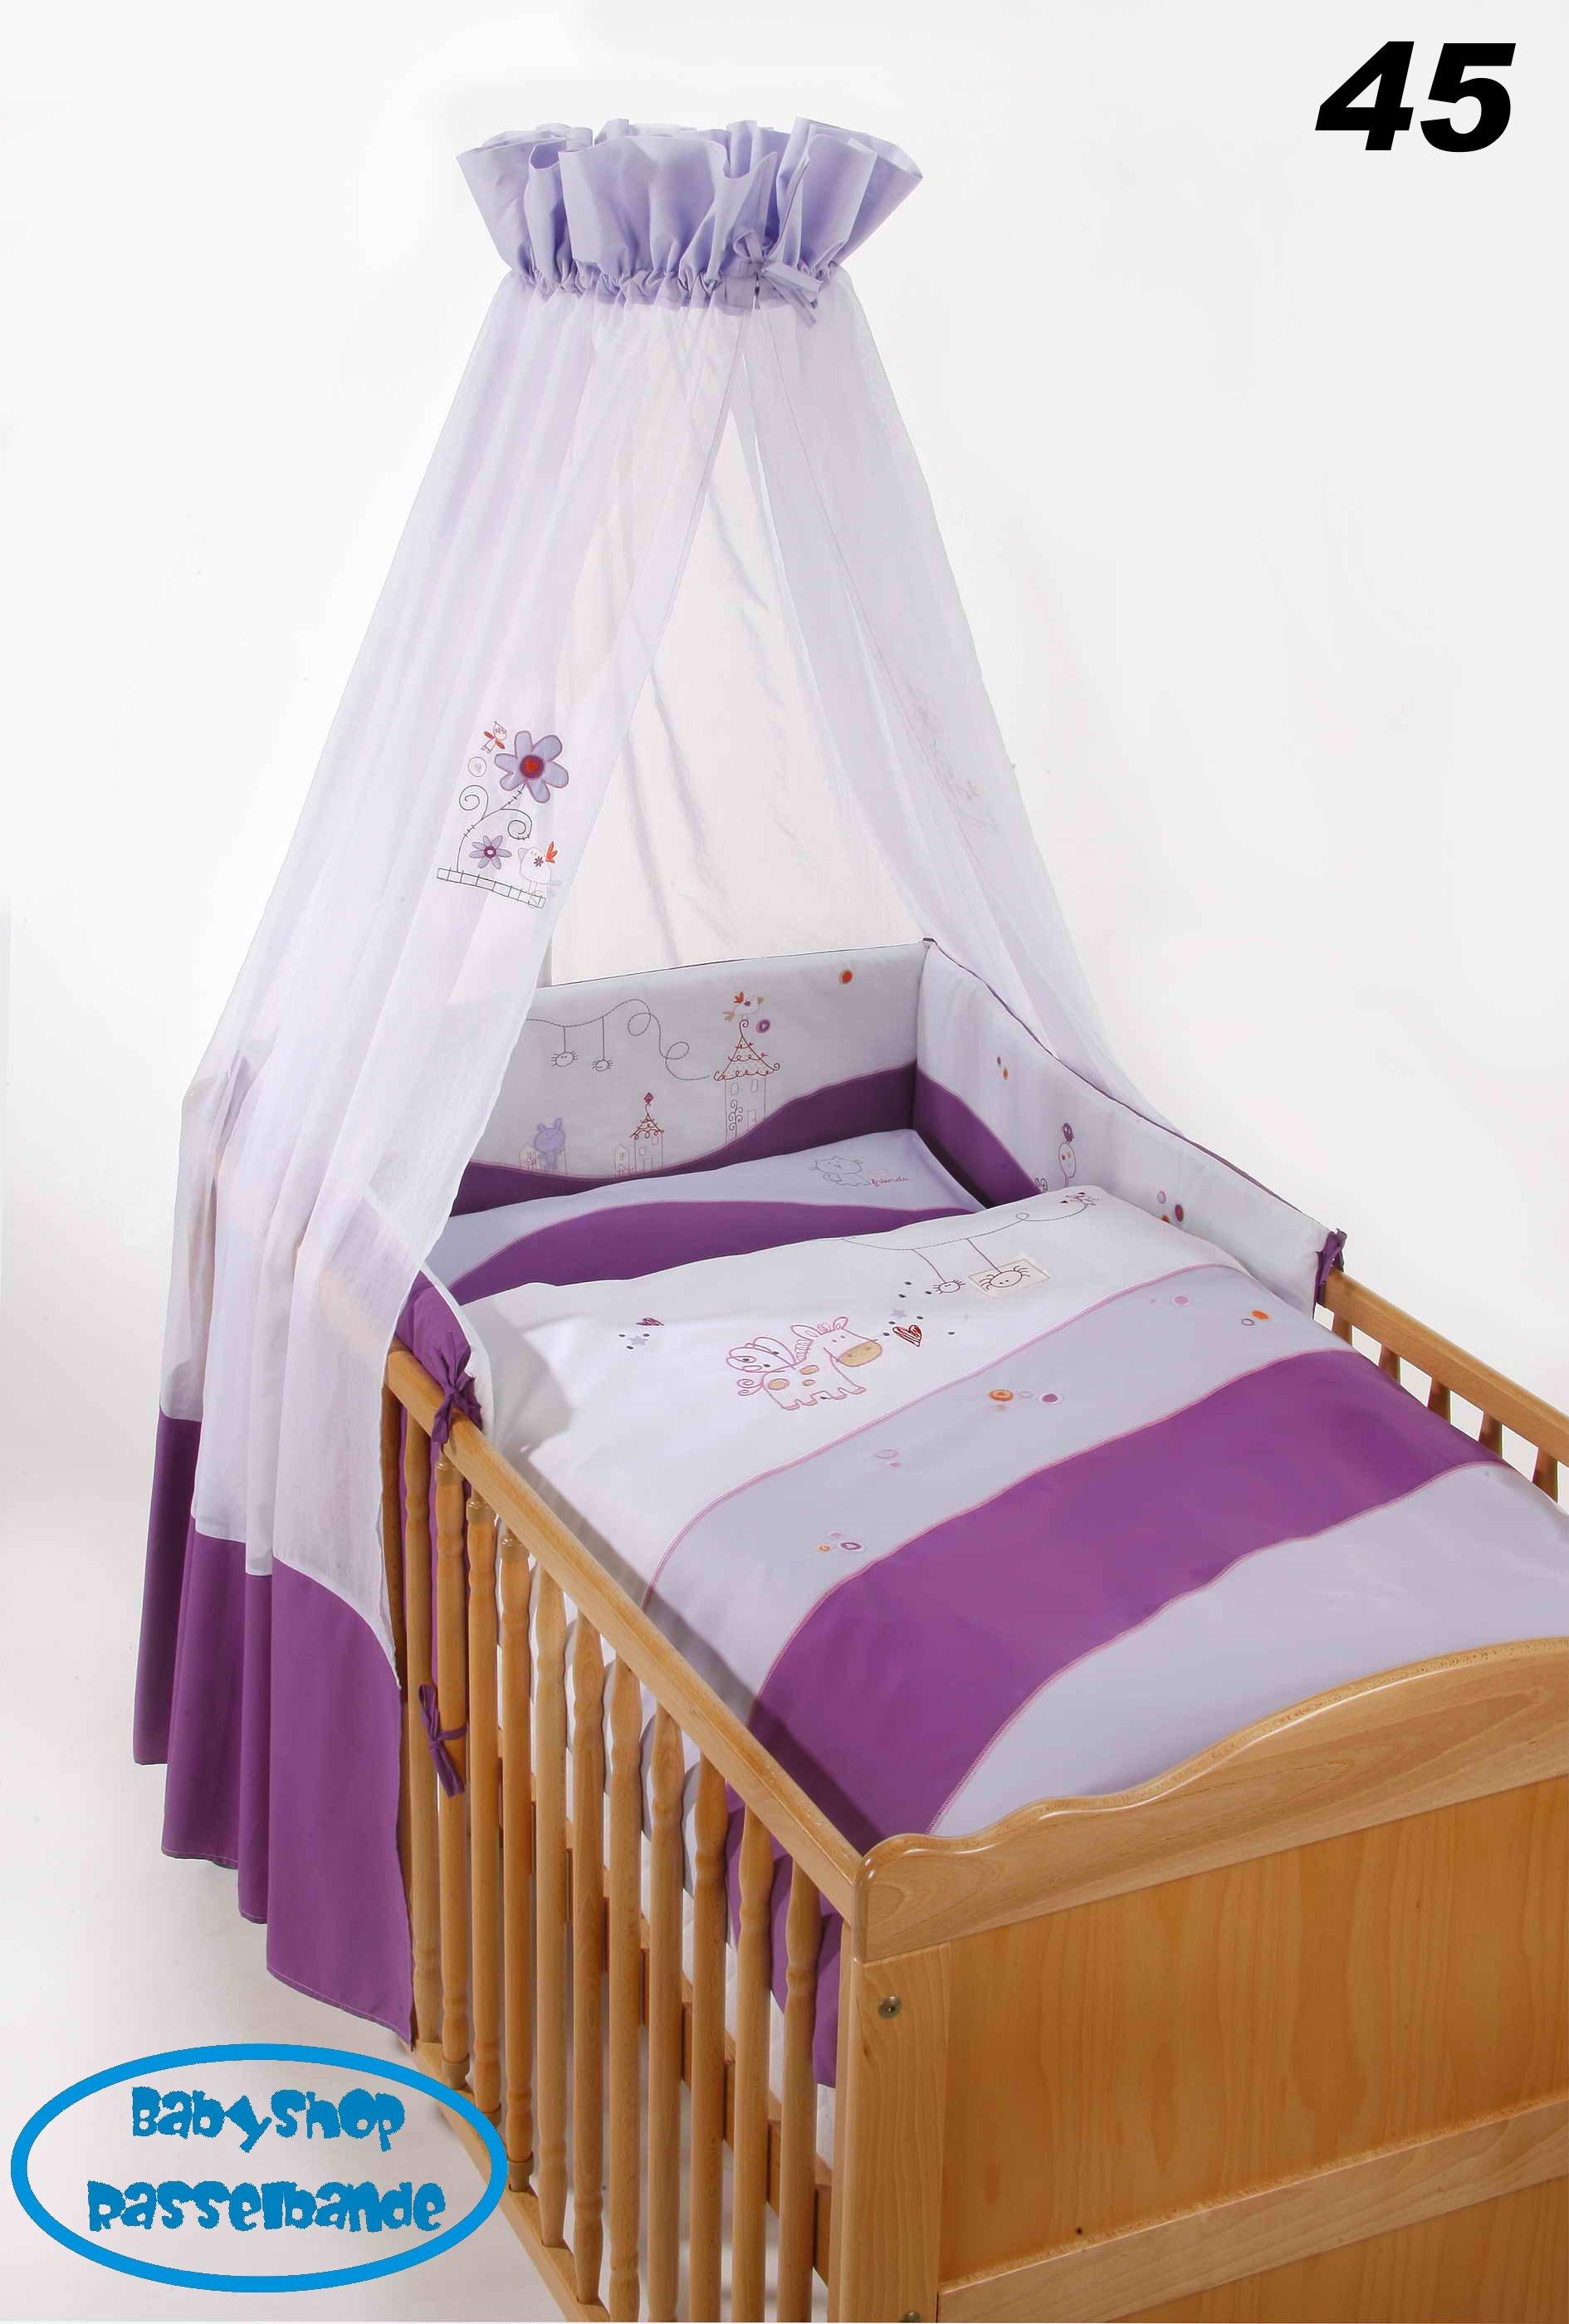 easy baby himmelset bett set 2014 farbe 45 ebay. Black Bedroom Furniture Sets. Home Design Ideas